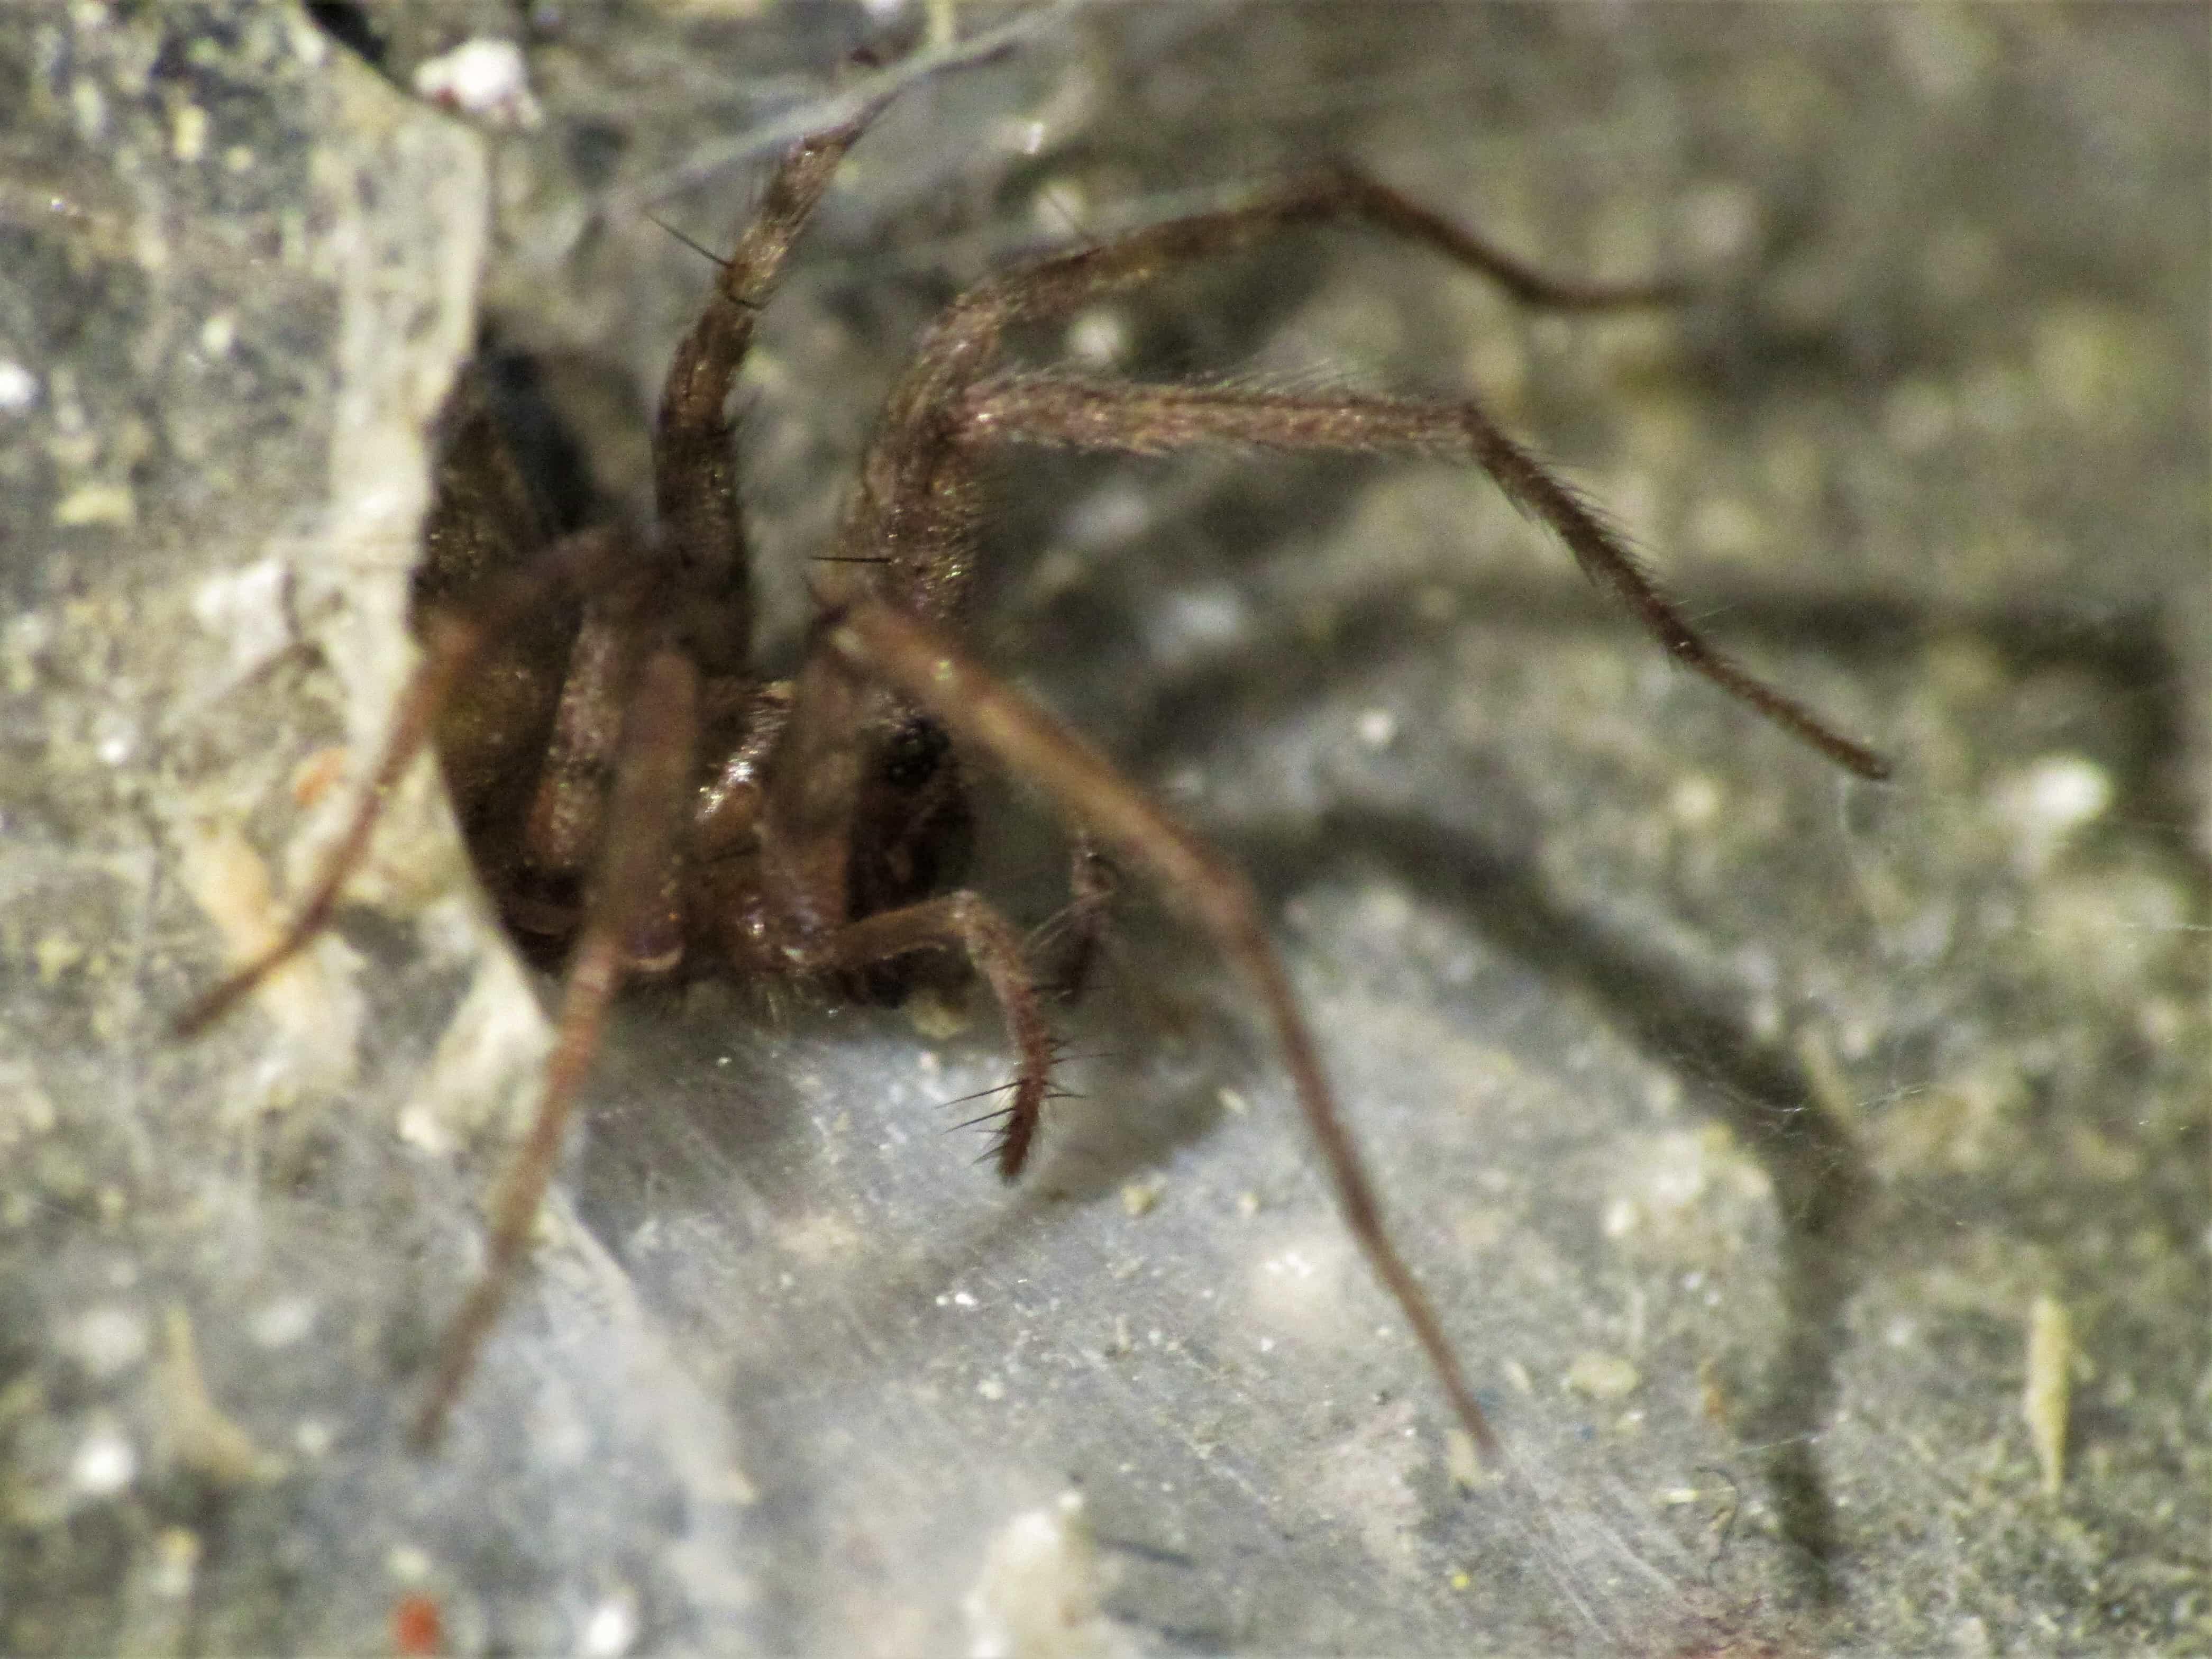 Picture of Tegenaria domestica (Barn Funnel Weaver) - Female - Lateral,Webs,In Retreat